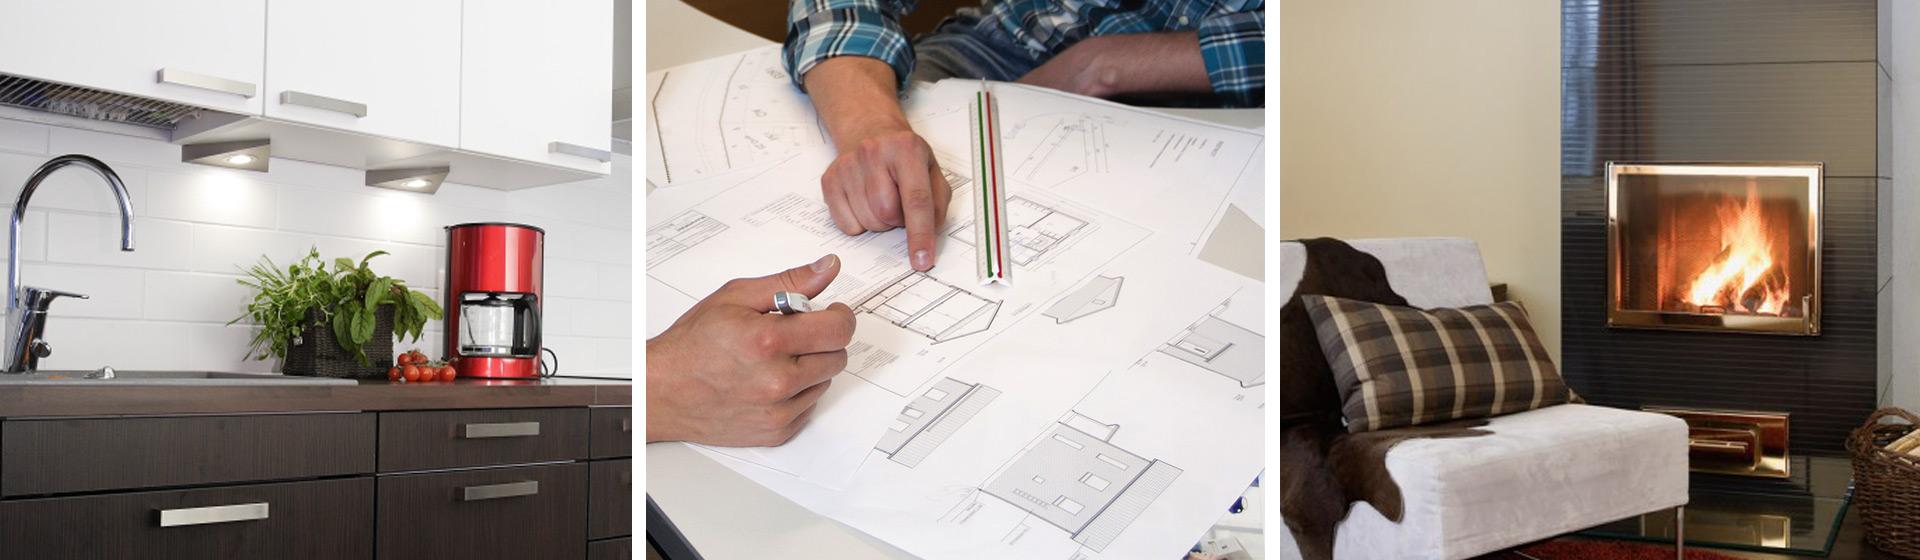 Muurametalot - Suunnittelu